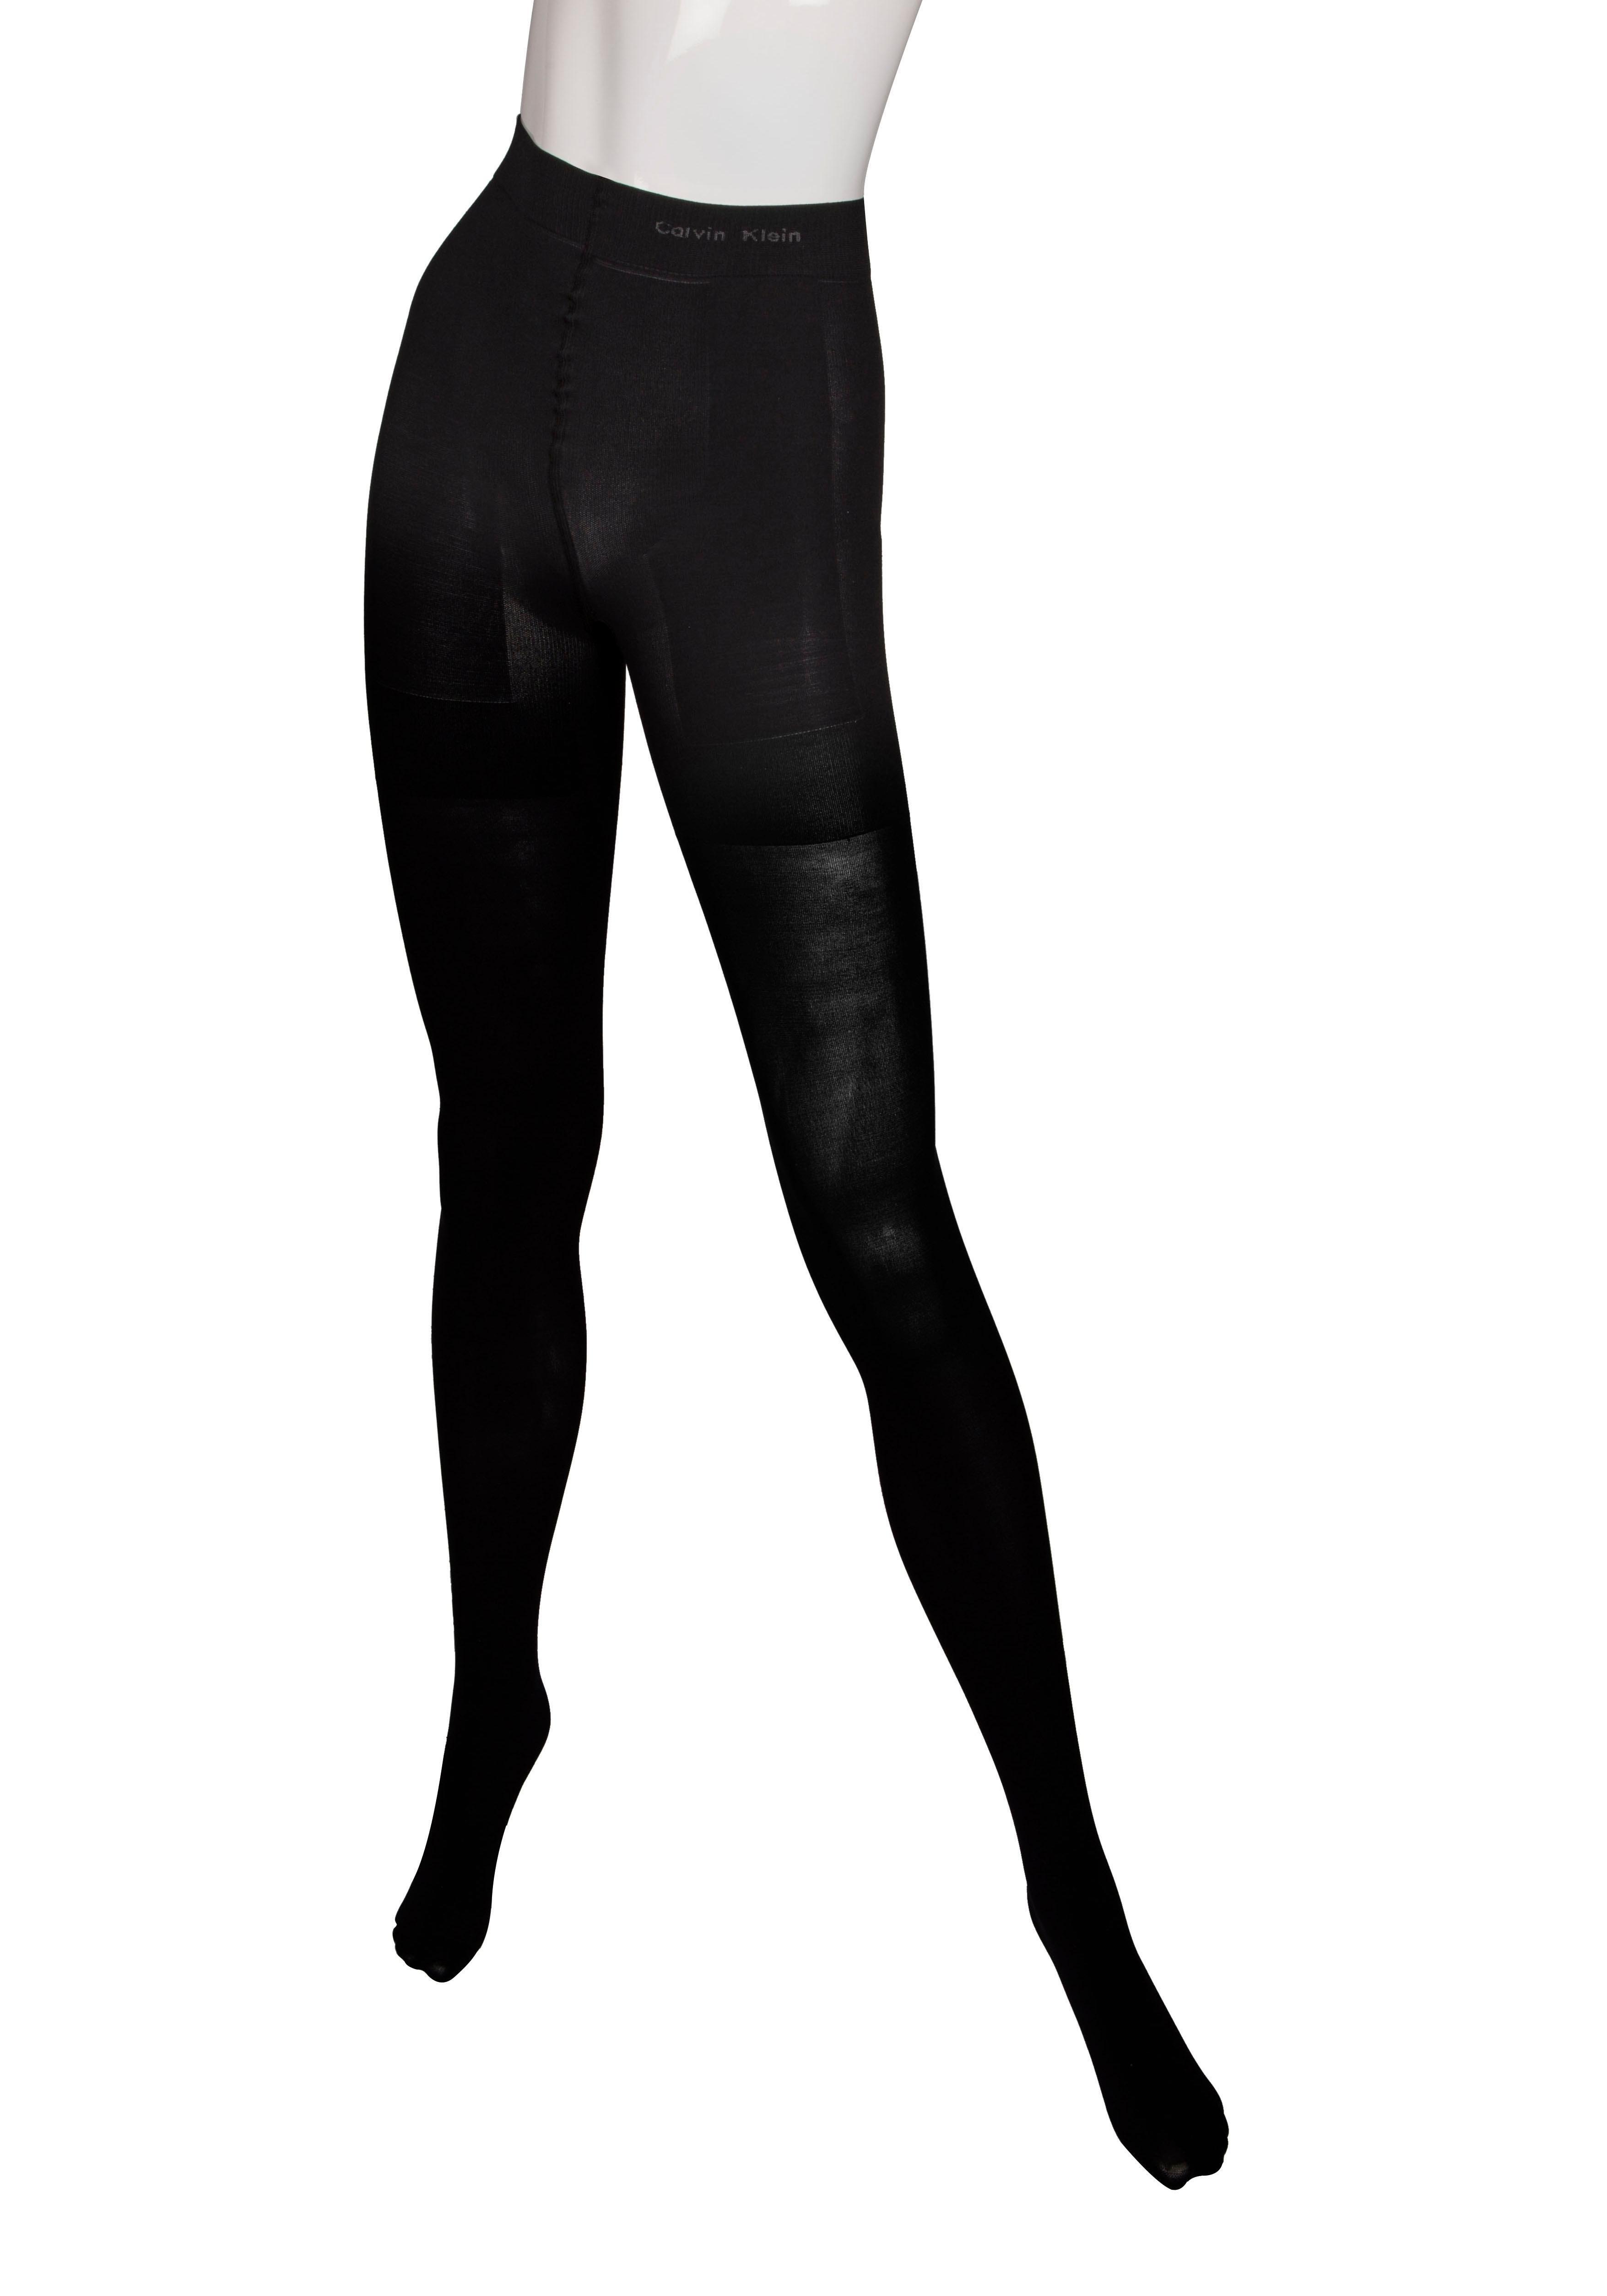 Op zoek naar een Calvin Klein panty (per stuk)? Koop online bij Lascana